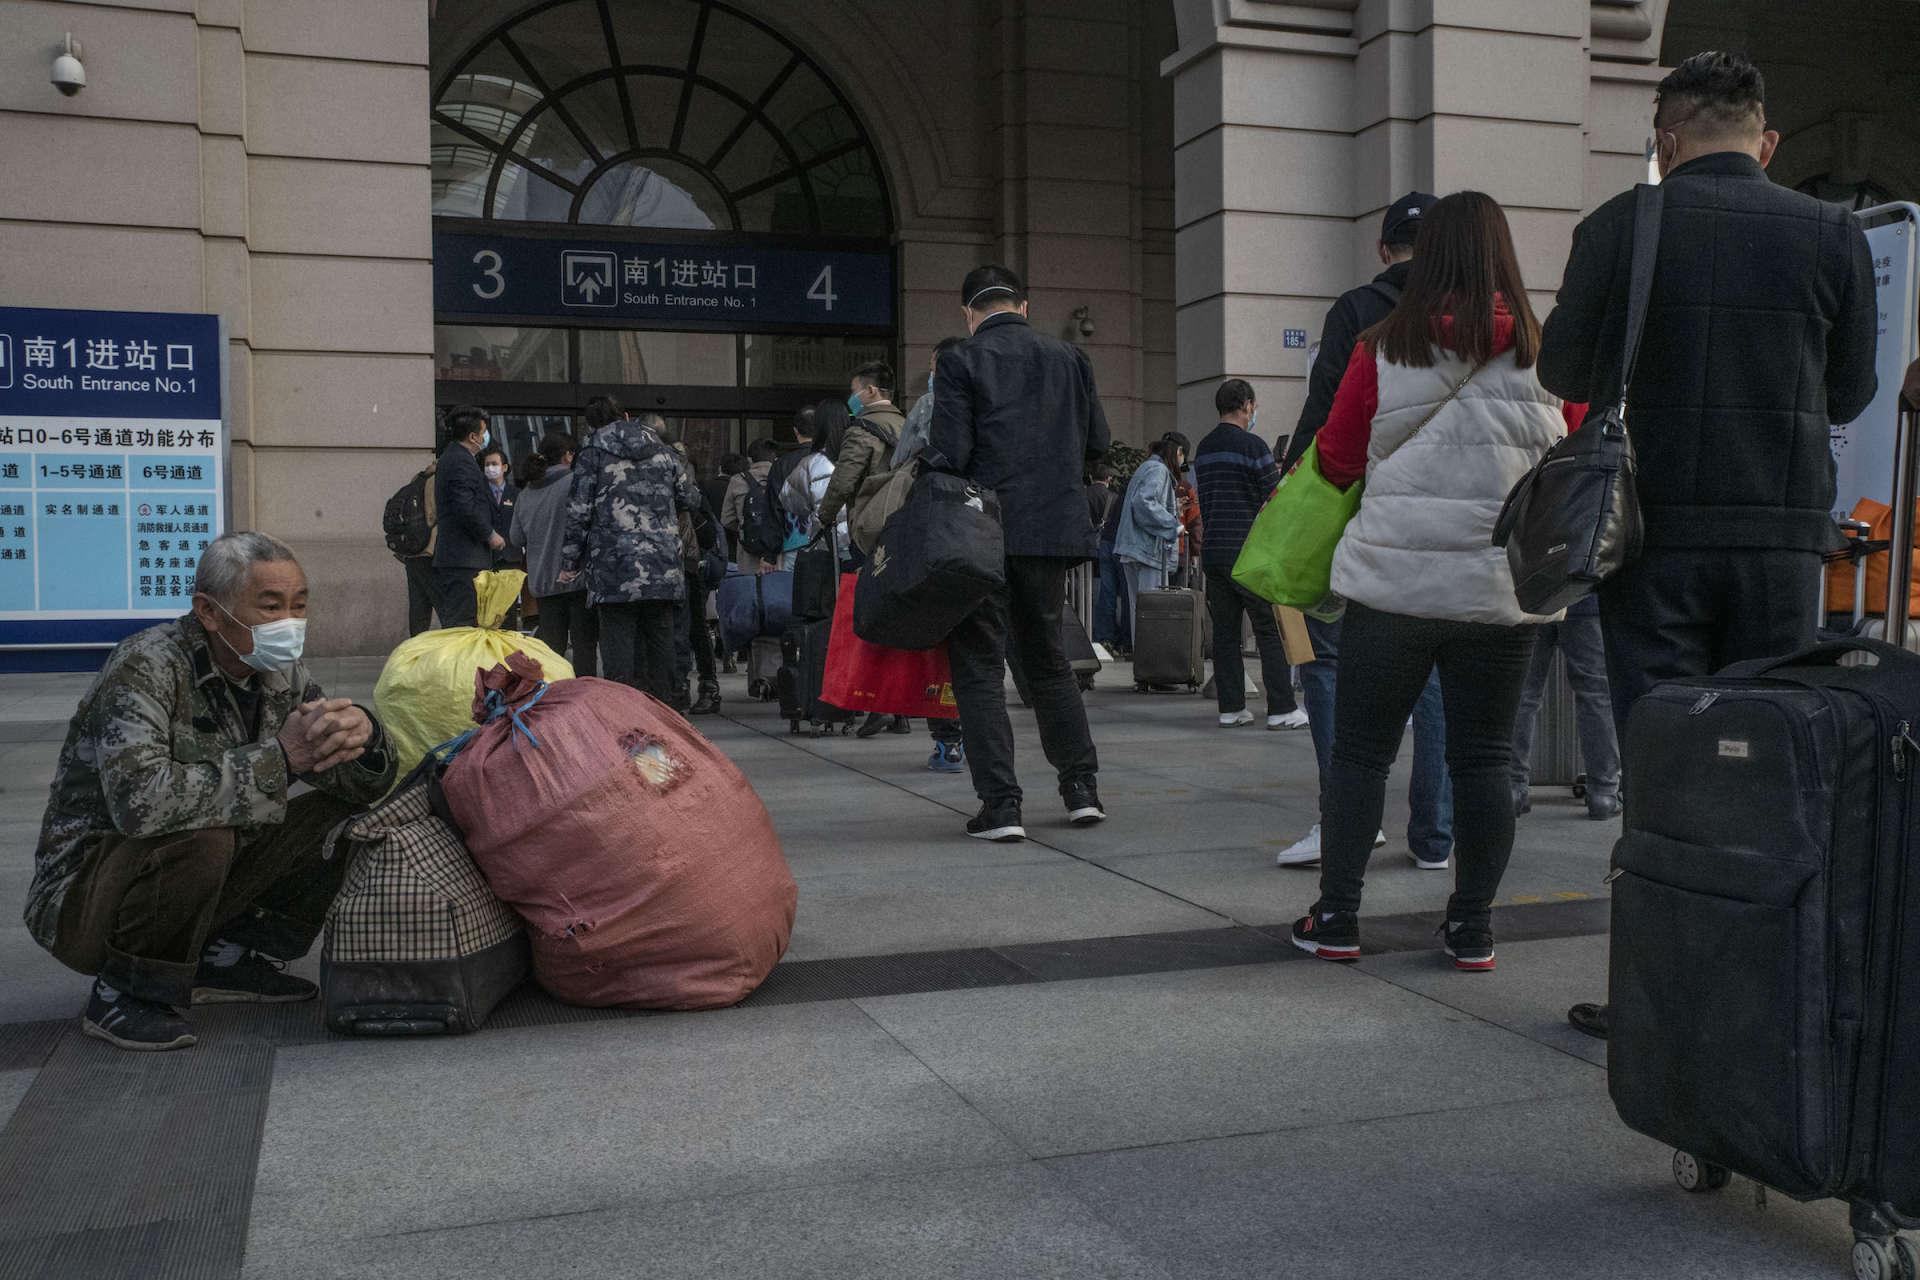 Un voyageur attend avec ses bagages pendant que d'autres rentrent dans la gare, le 8 avril à Wuhan.